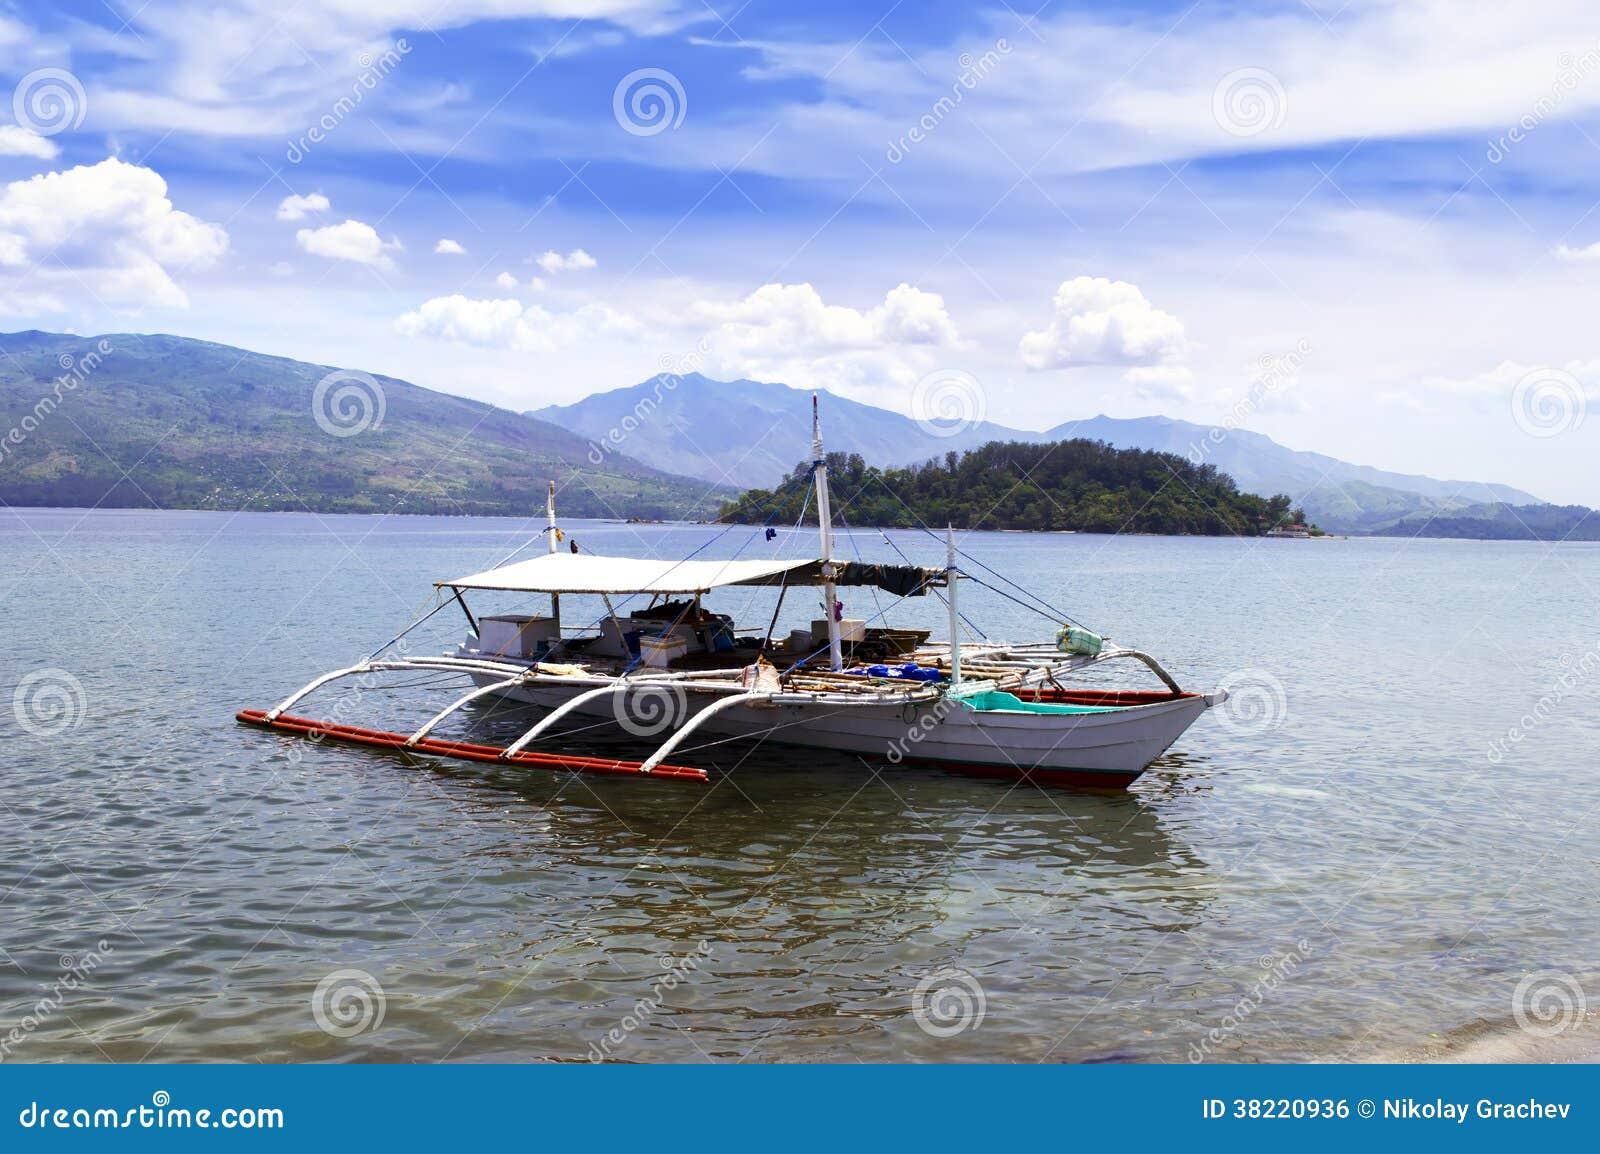 Αλιευτικό σκάφος των Φιλιππινών.